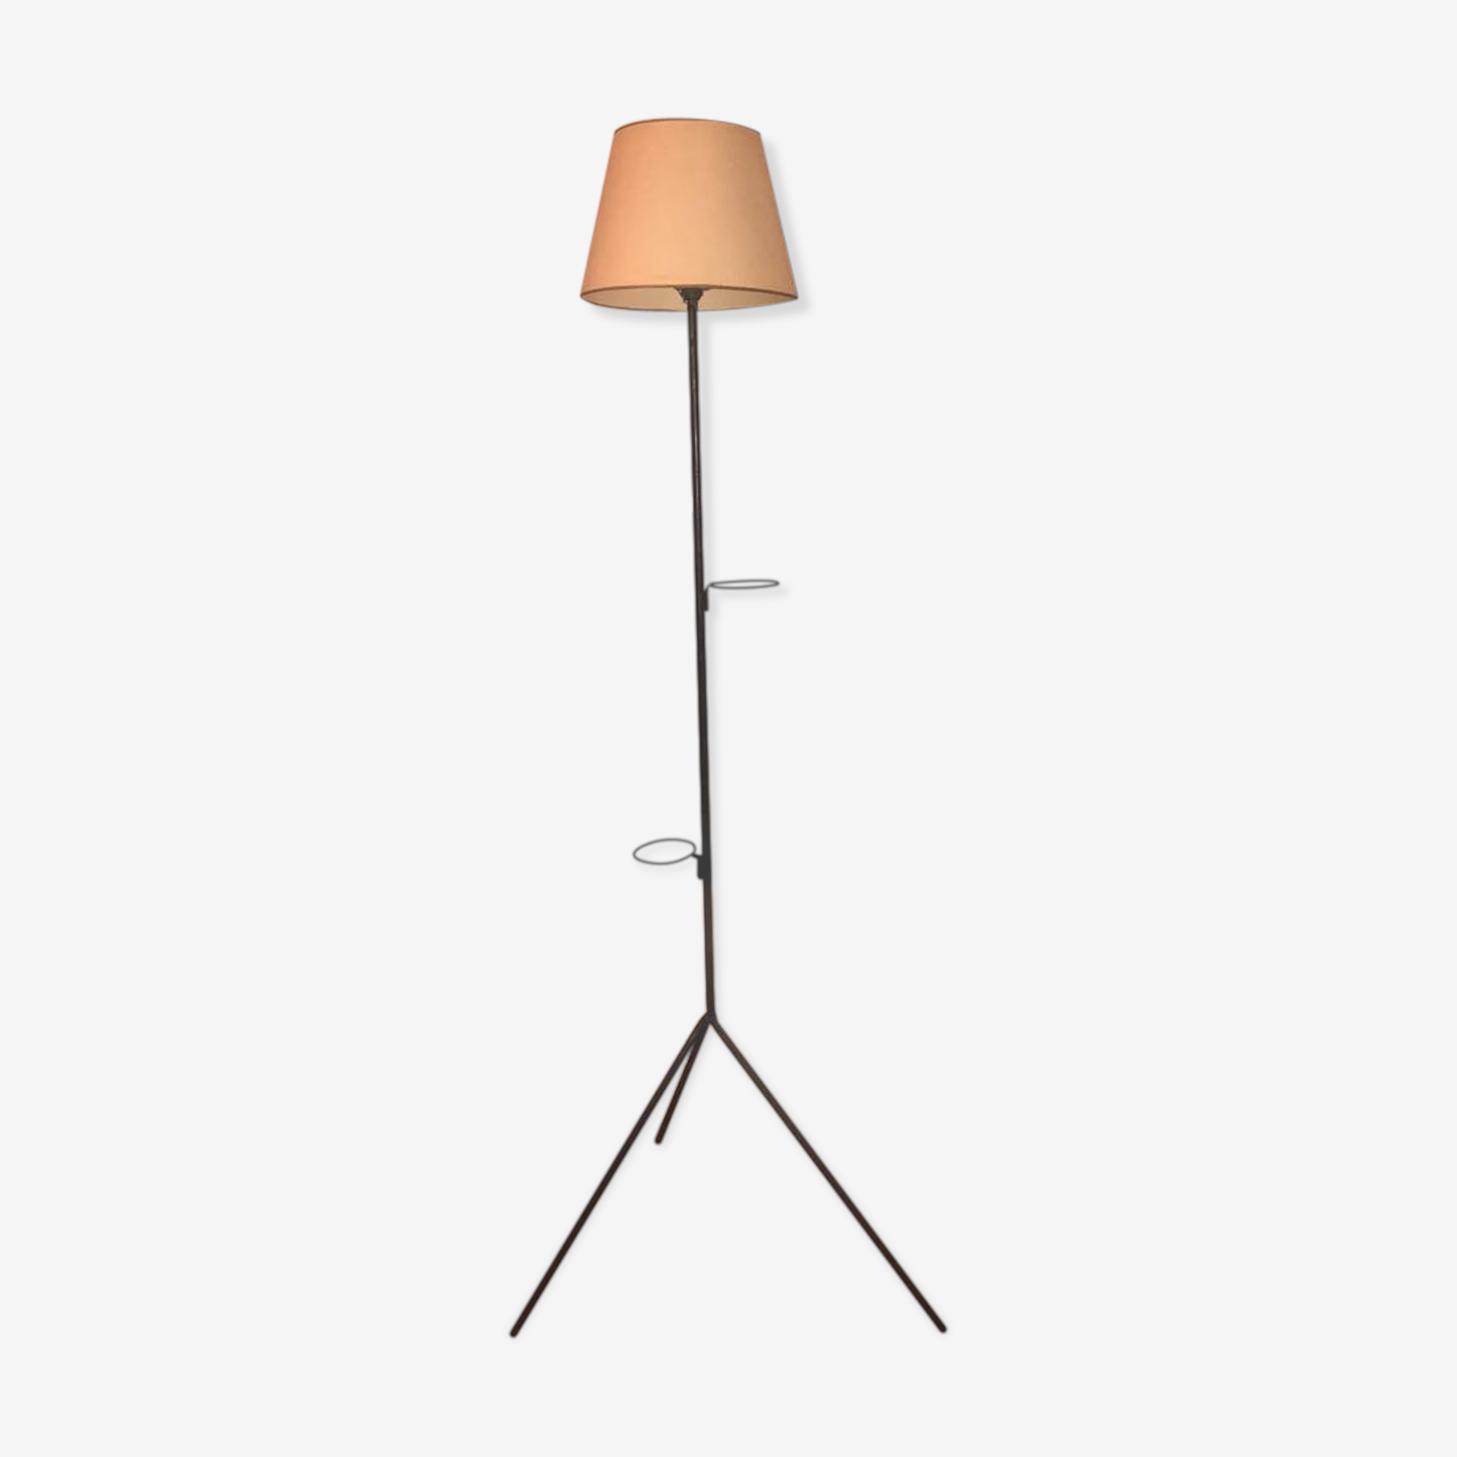 Lampe porte-plantes trépied